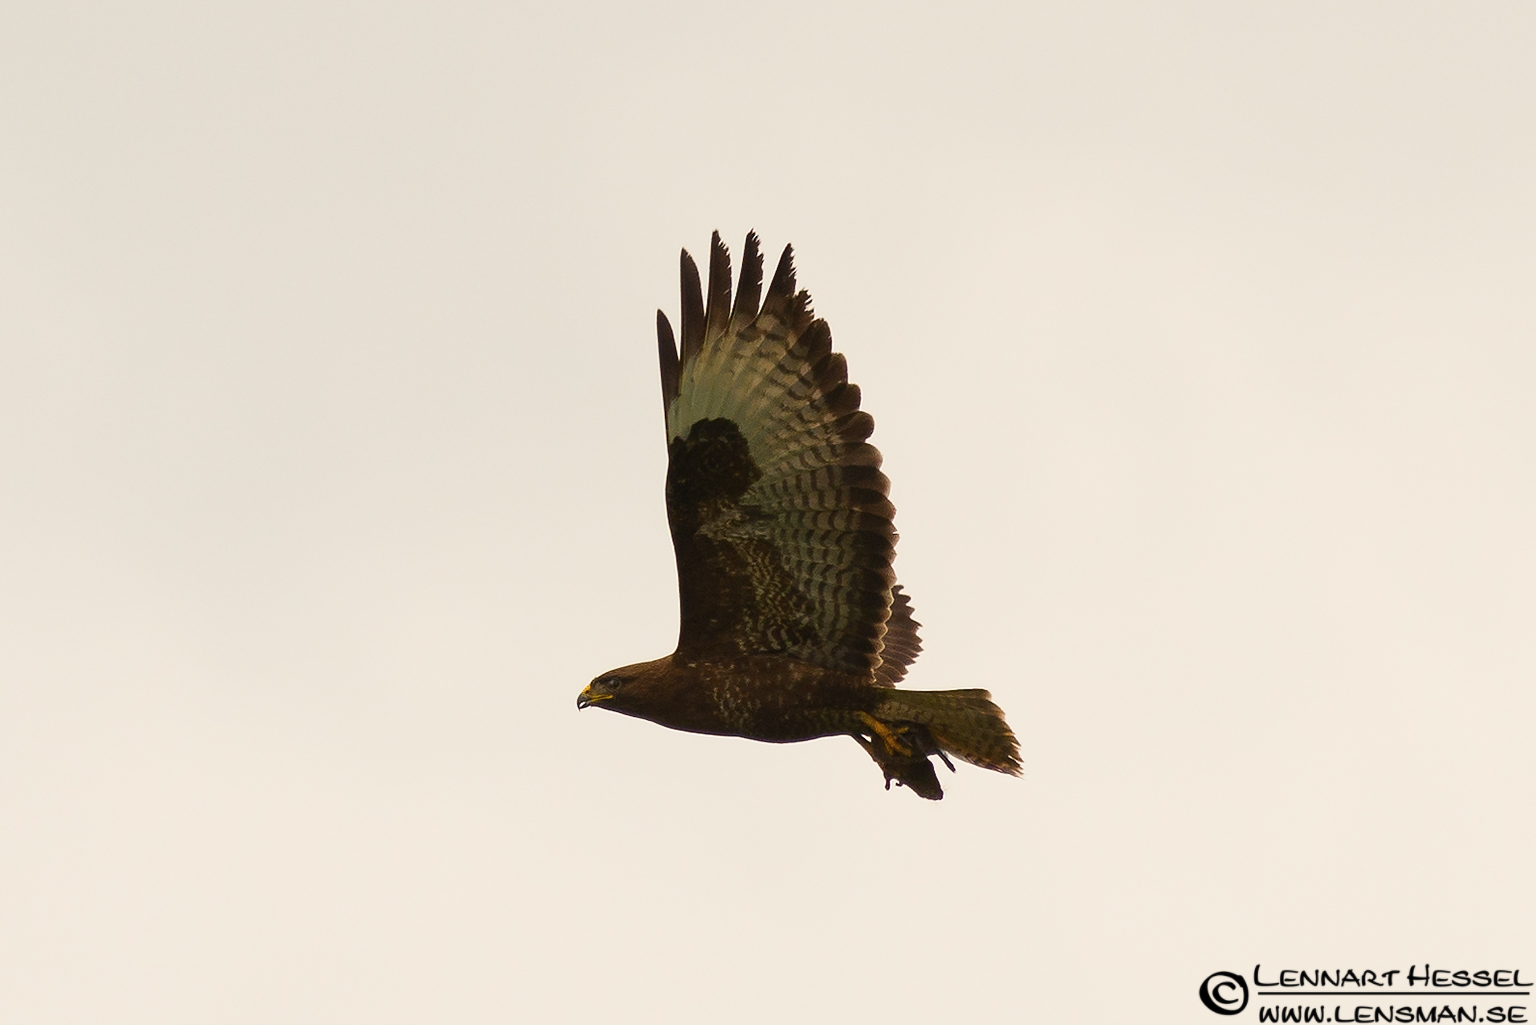 Common Buzzard with a kill